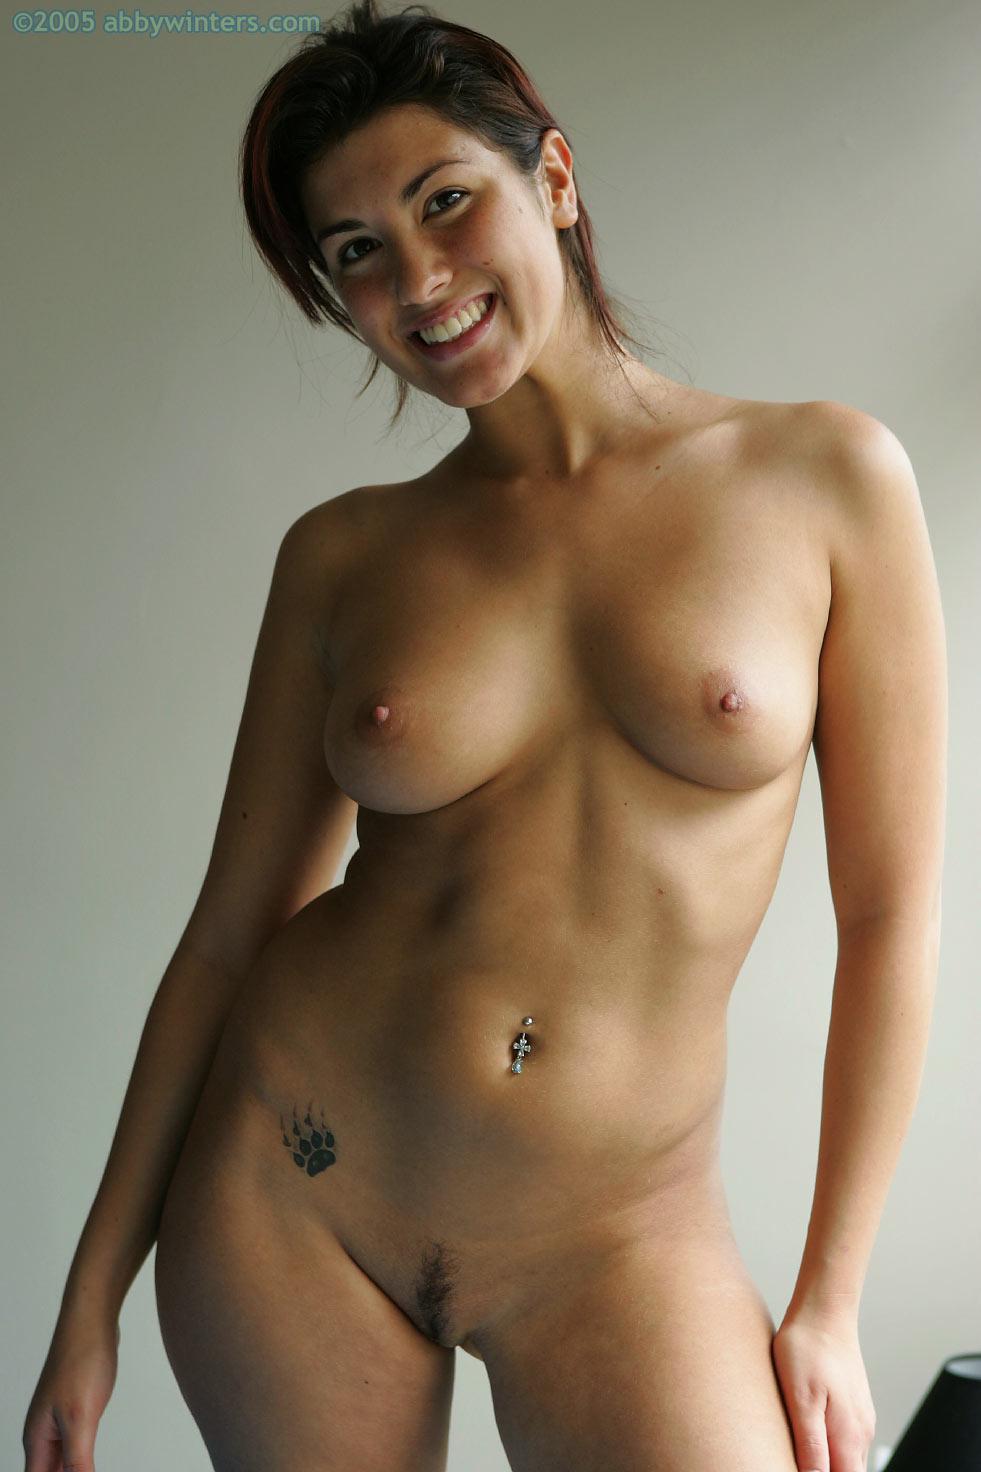 Частные фото взрослых женщин за 40 голых 10 фотография